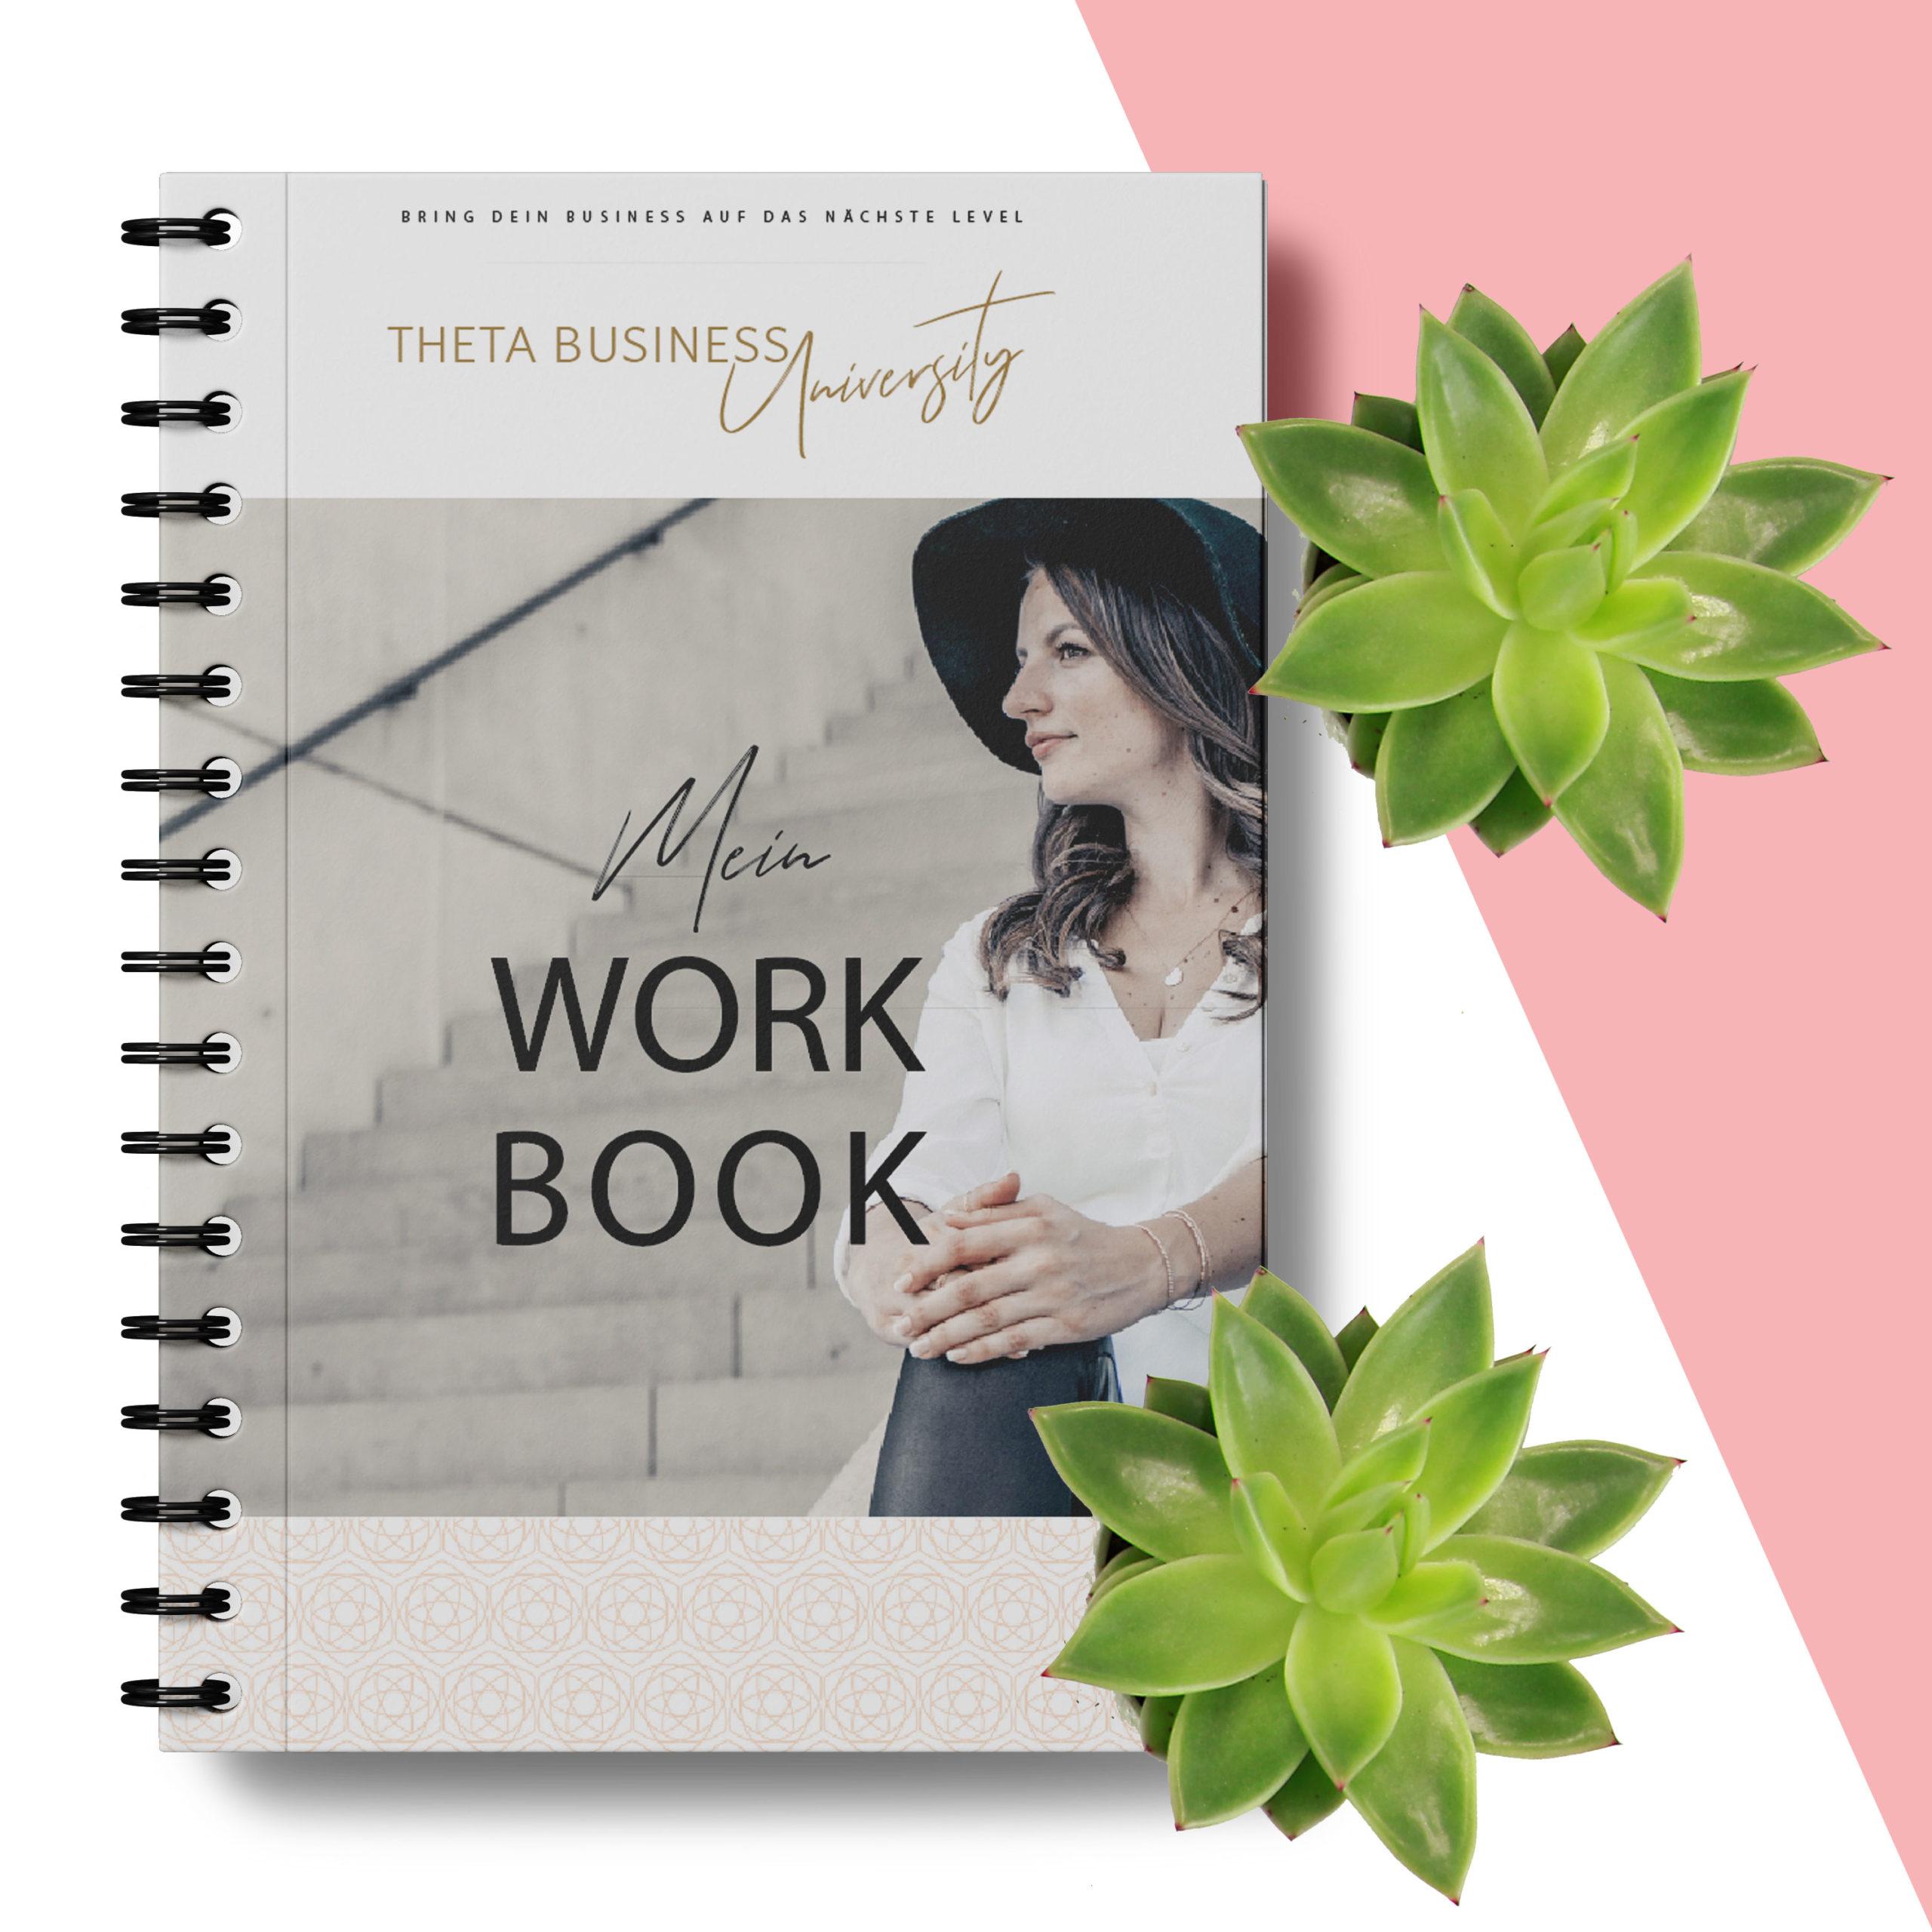 TBU_Workbook